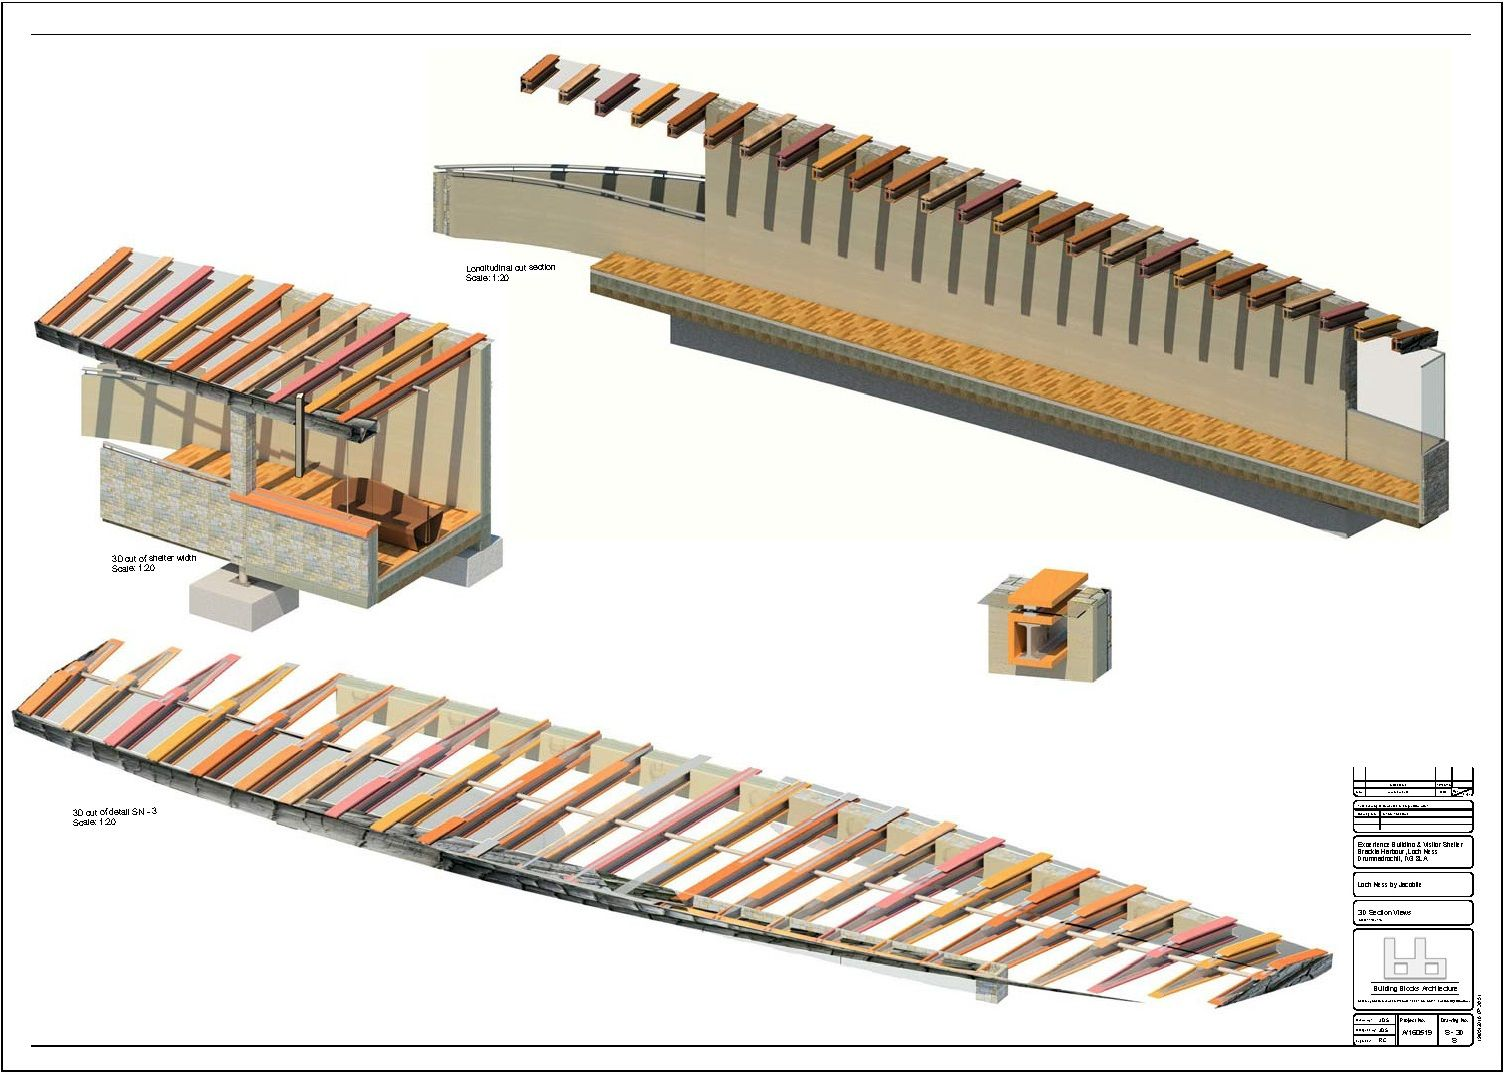 Sheet---s---3d-s---3d-section-views-3500-3500